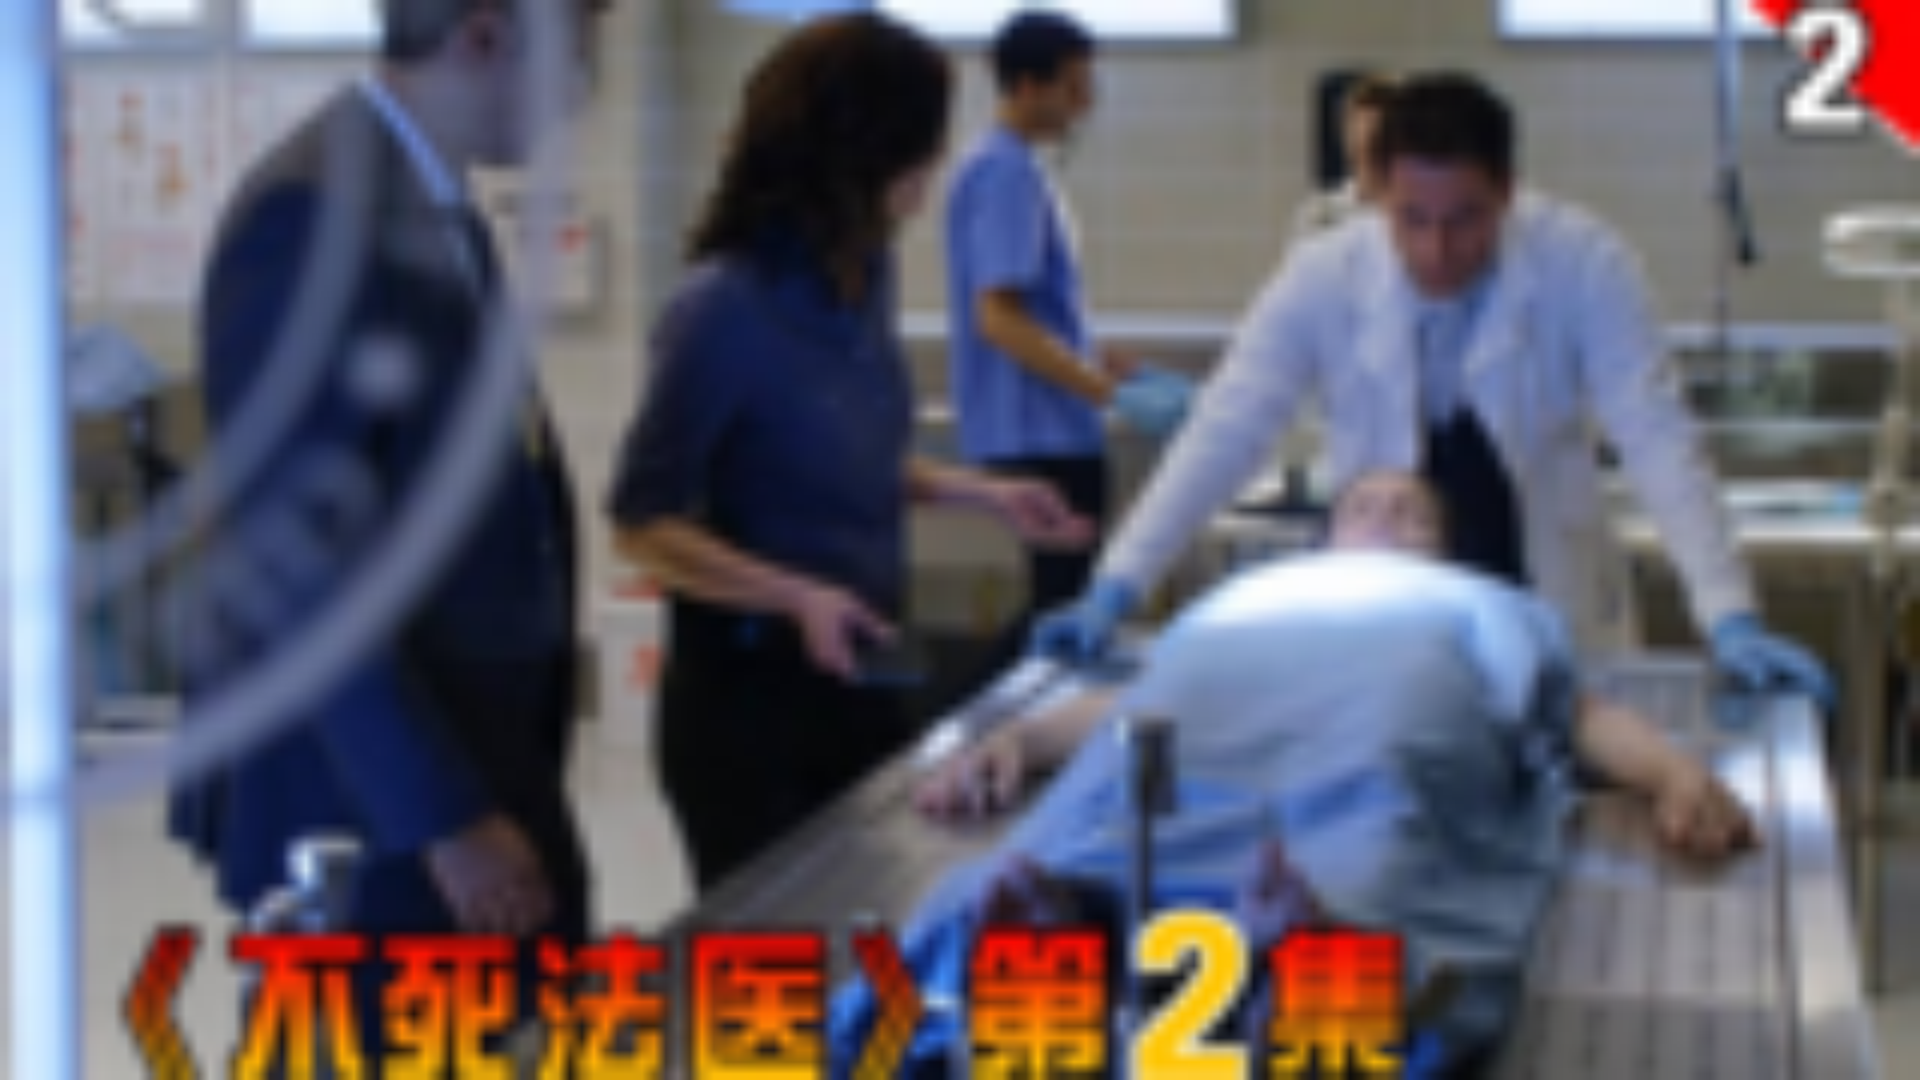 【长工】女大学生坠桥身亡,法医尸检后发现另有隐情 《不死法医》第2集